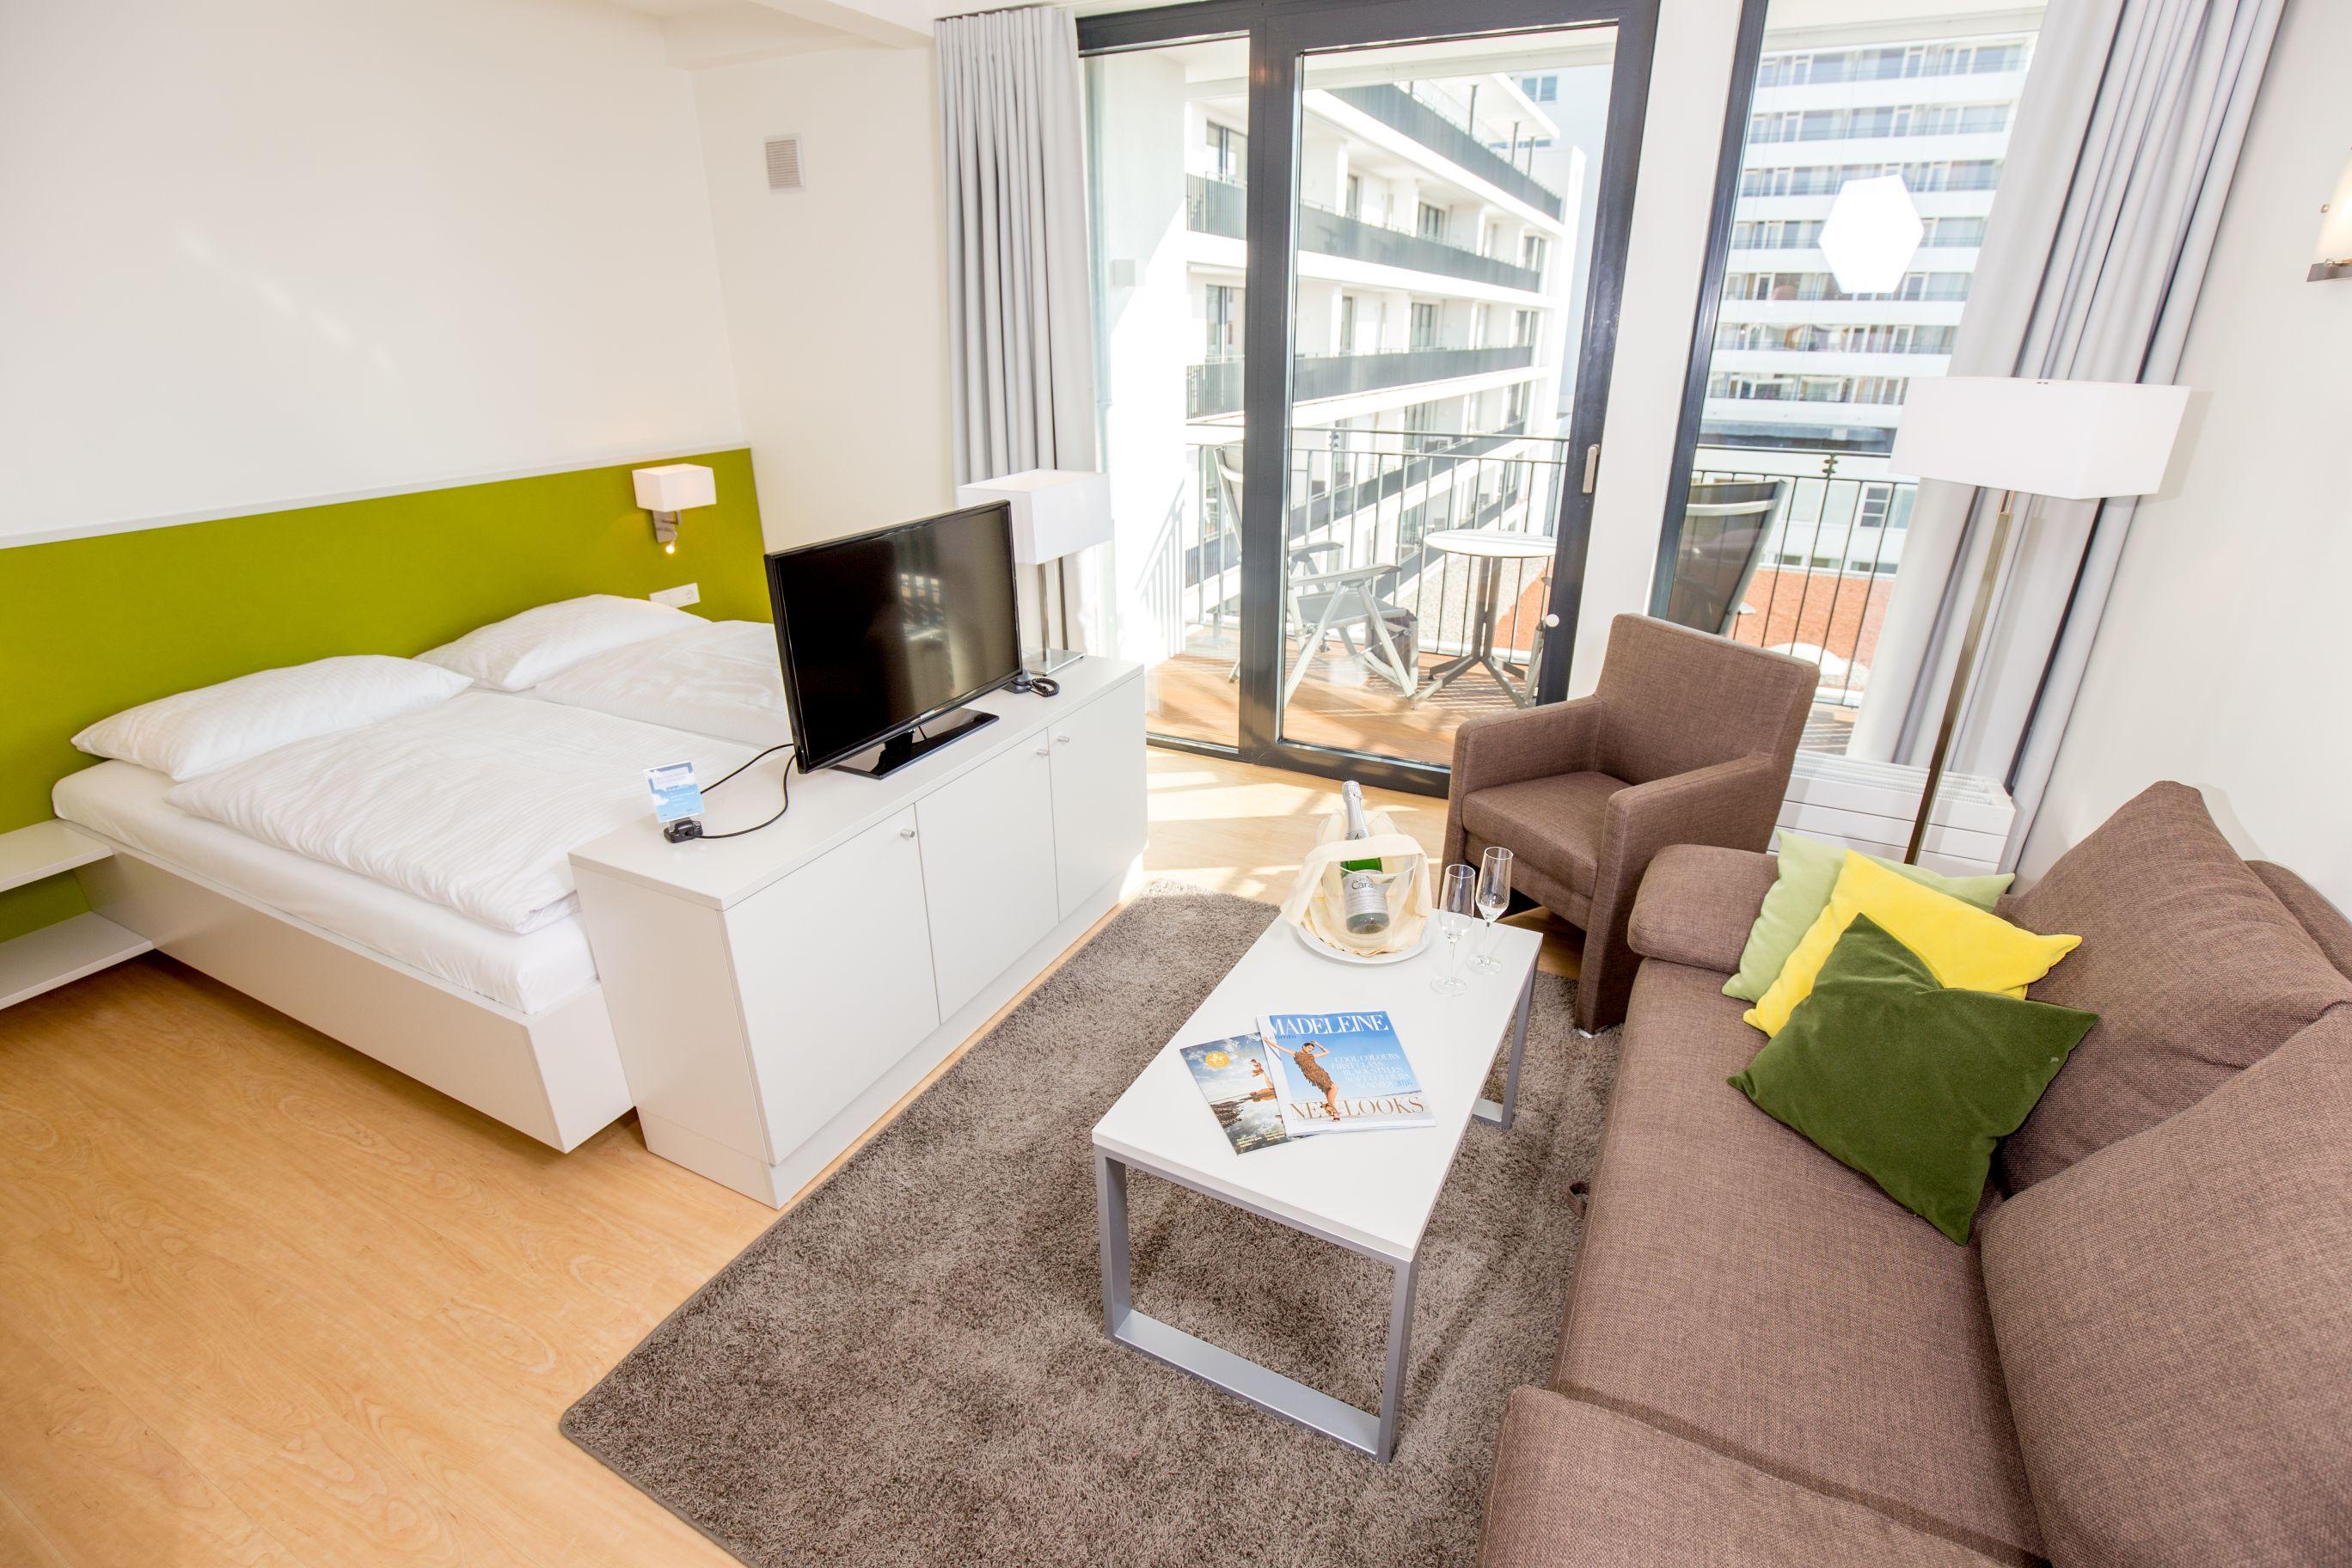 1 zimmer apartments carat residenz. Black Bedroom Furniture Sets. Home Design Ideas